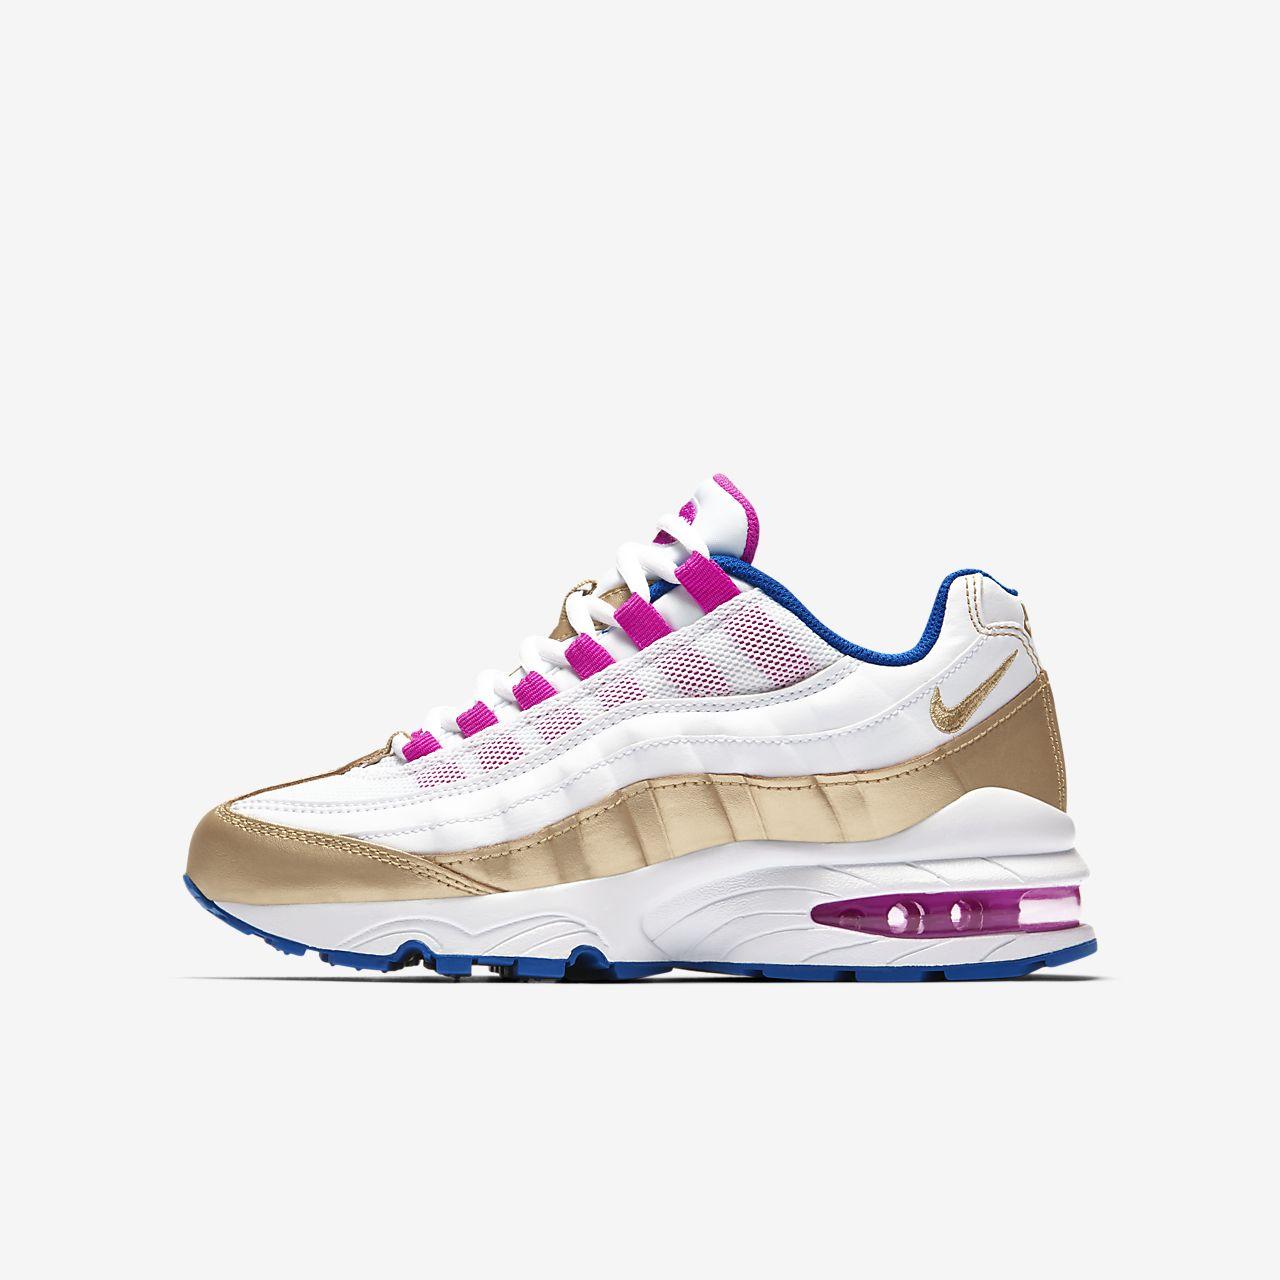 ... Nike Air Max '95 LE Girls' Shoe